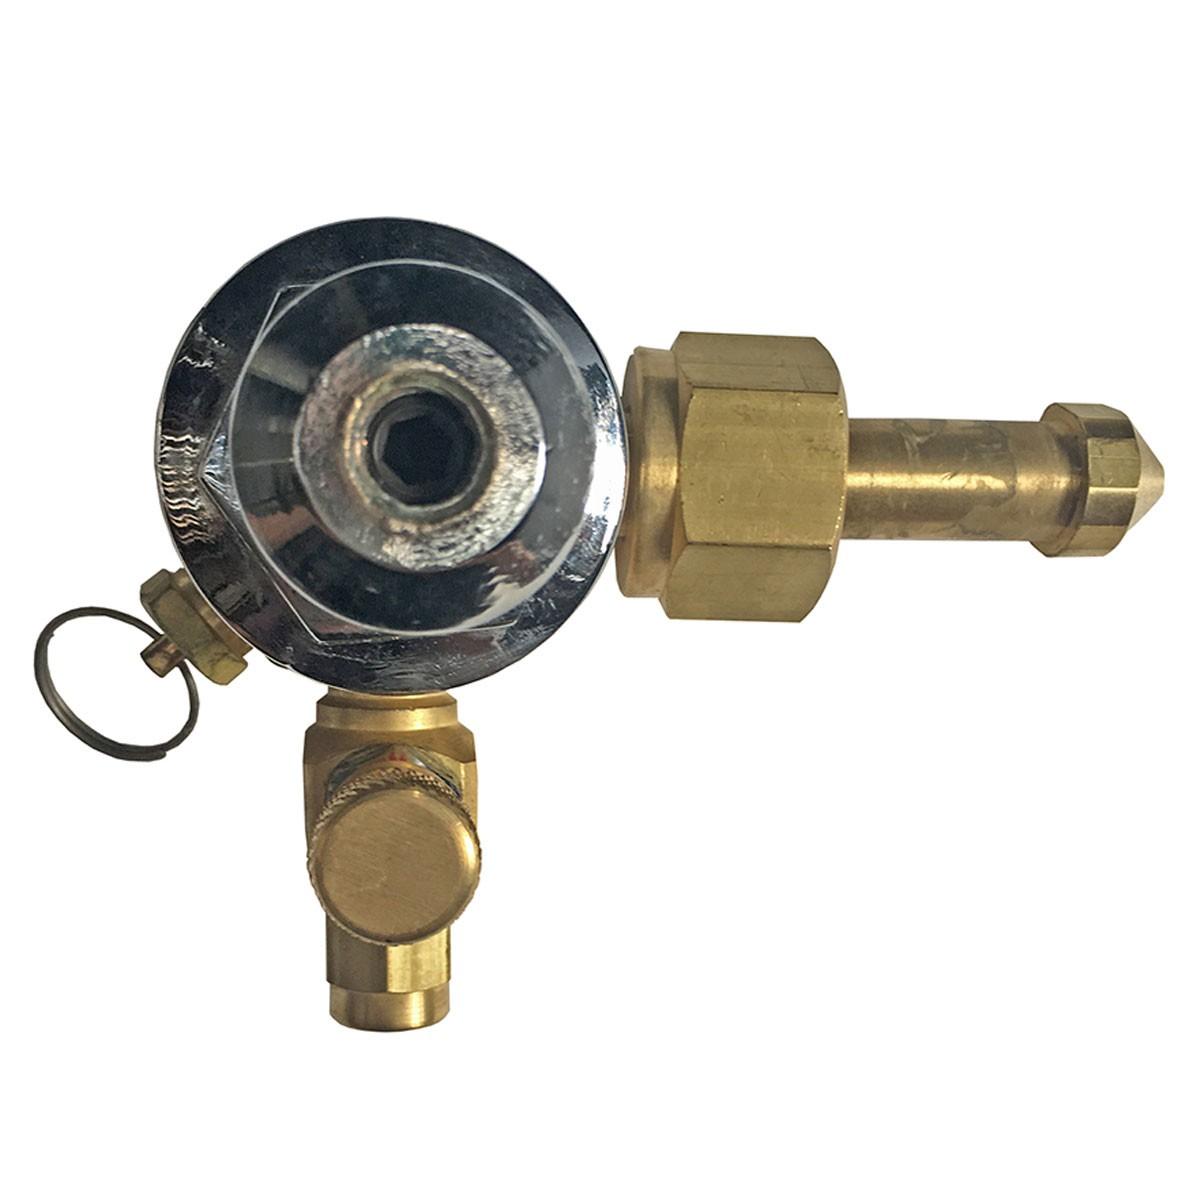 Regulador de Pressão de Co2 Pré Calibrado 1 Via Para Chopp ou Cerveja Artesanal